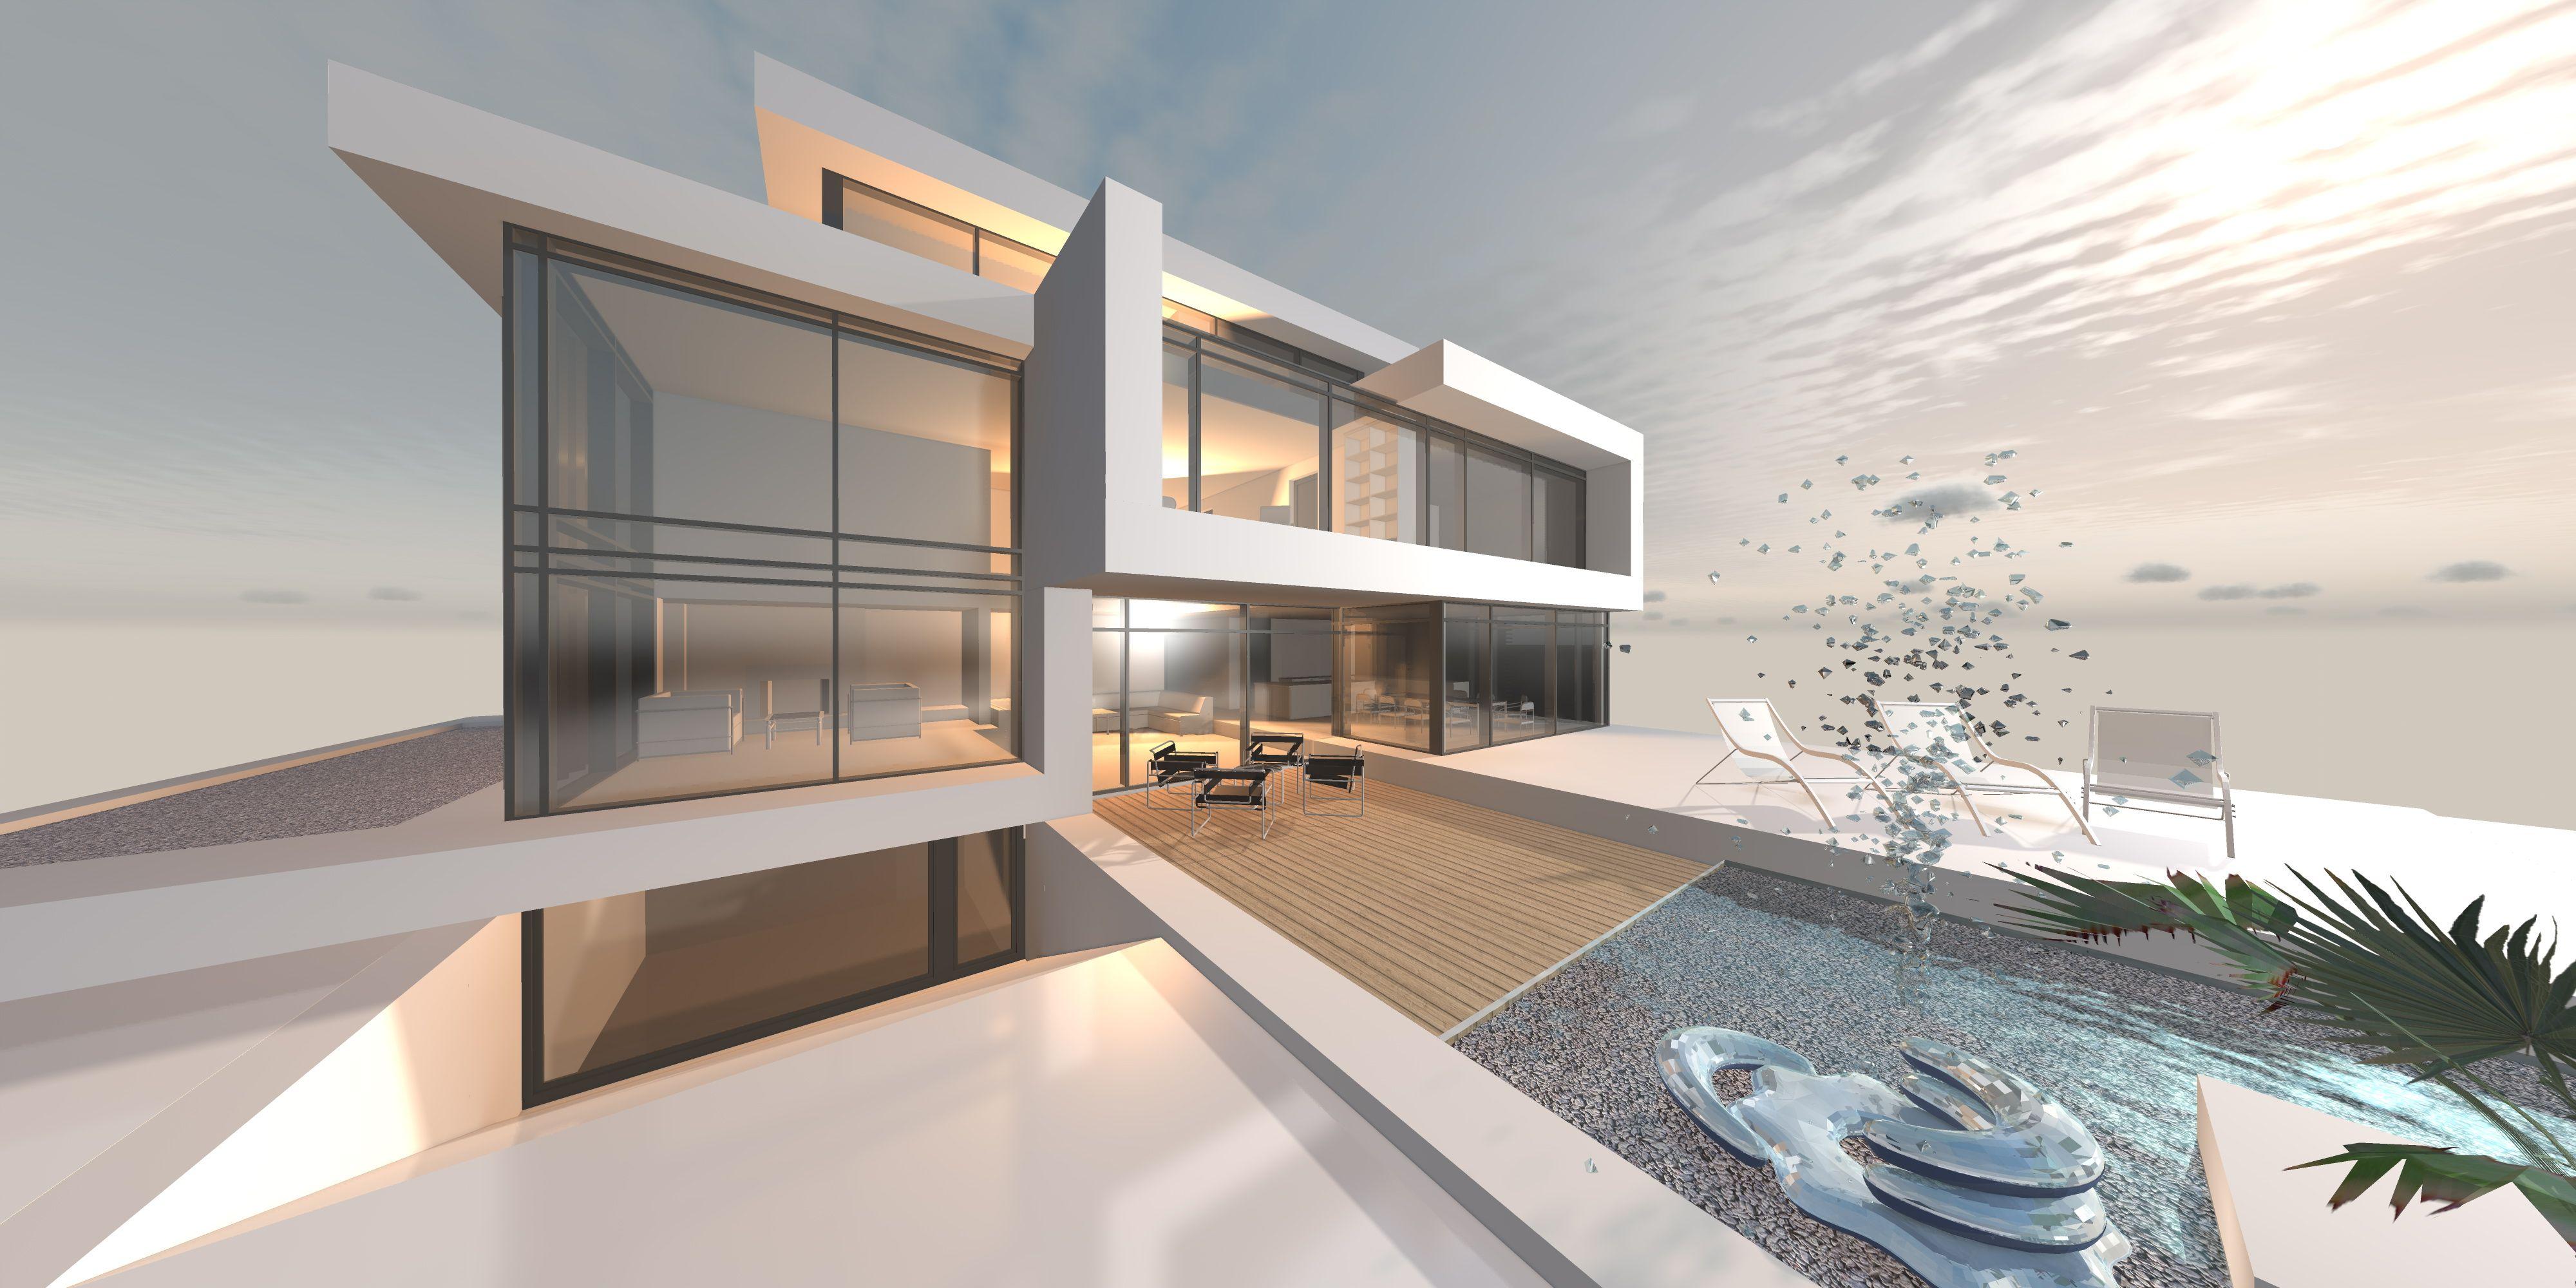 https://www.google.at/search?q=architektur  Flow DesignModern Houses ArchitectureModern ...